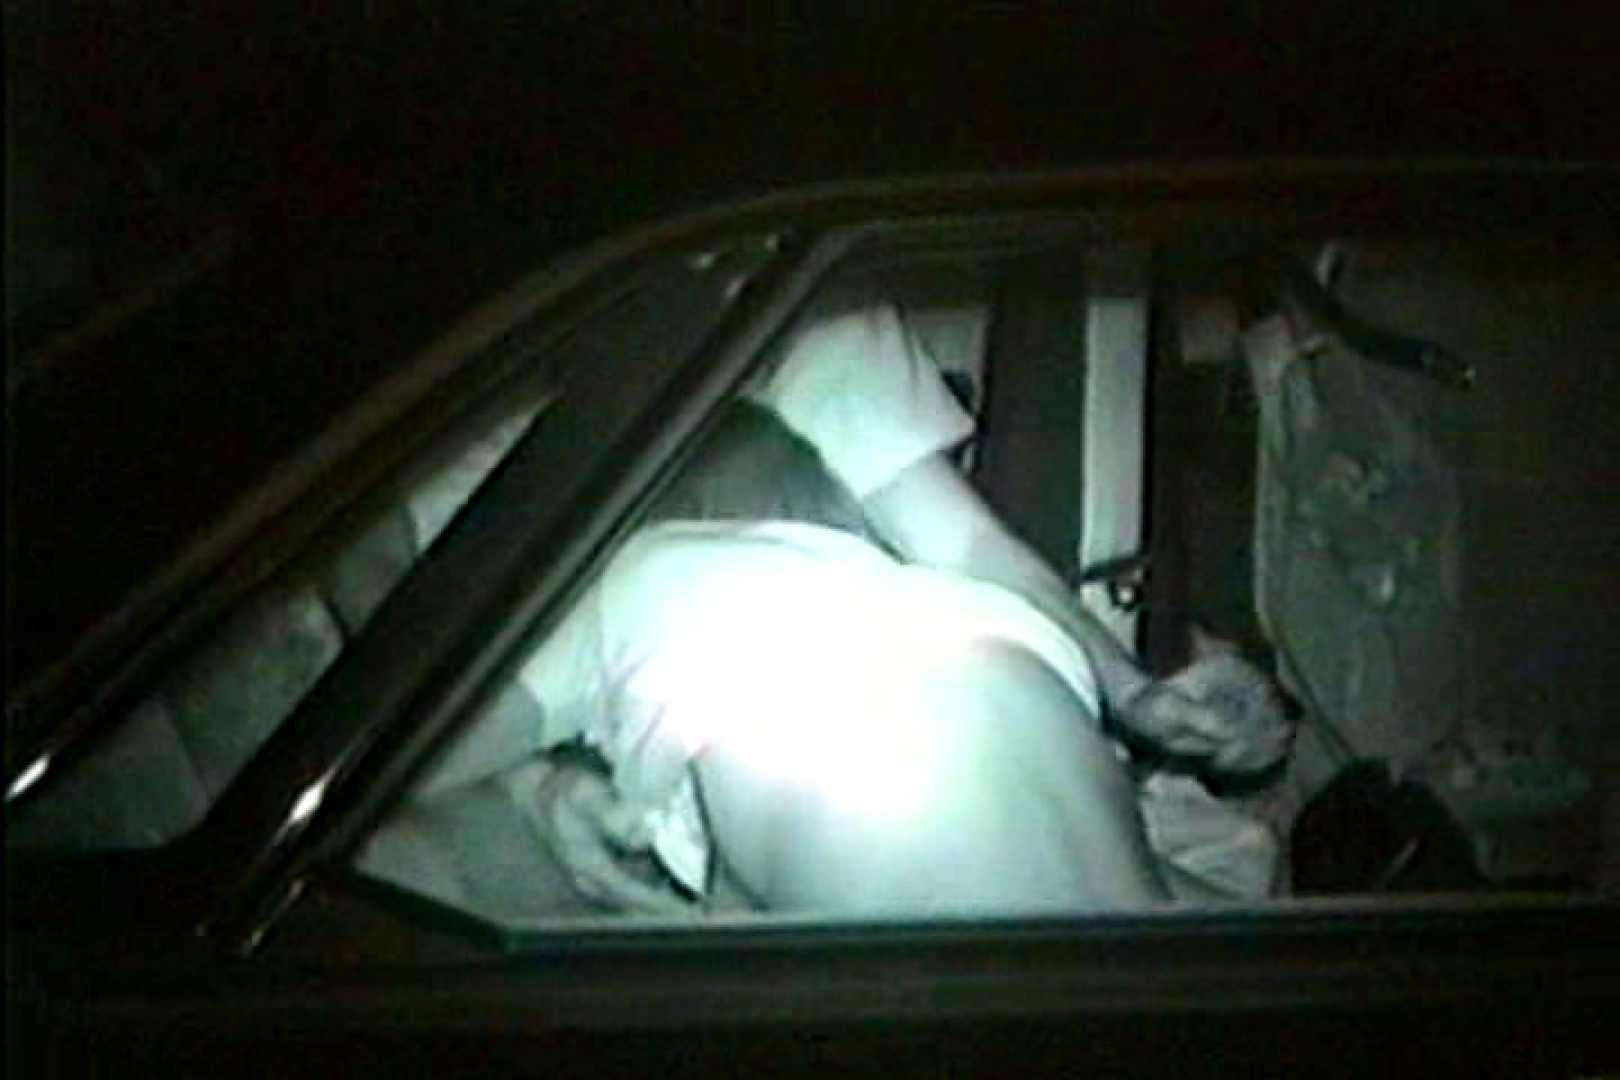 車の中はラブホテル 無修正版  Vol.6 エロティックなOL ワレメ無修正動画無料 89画像 10